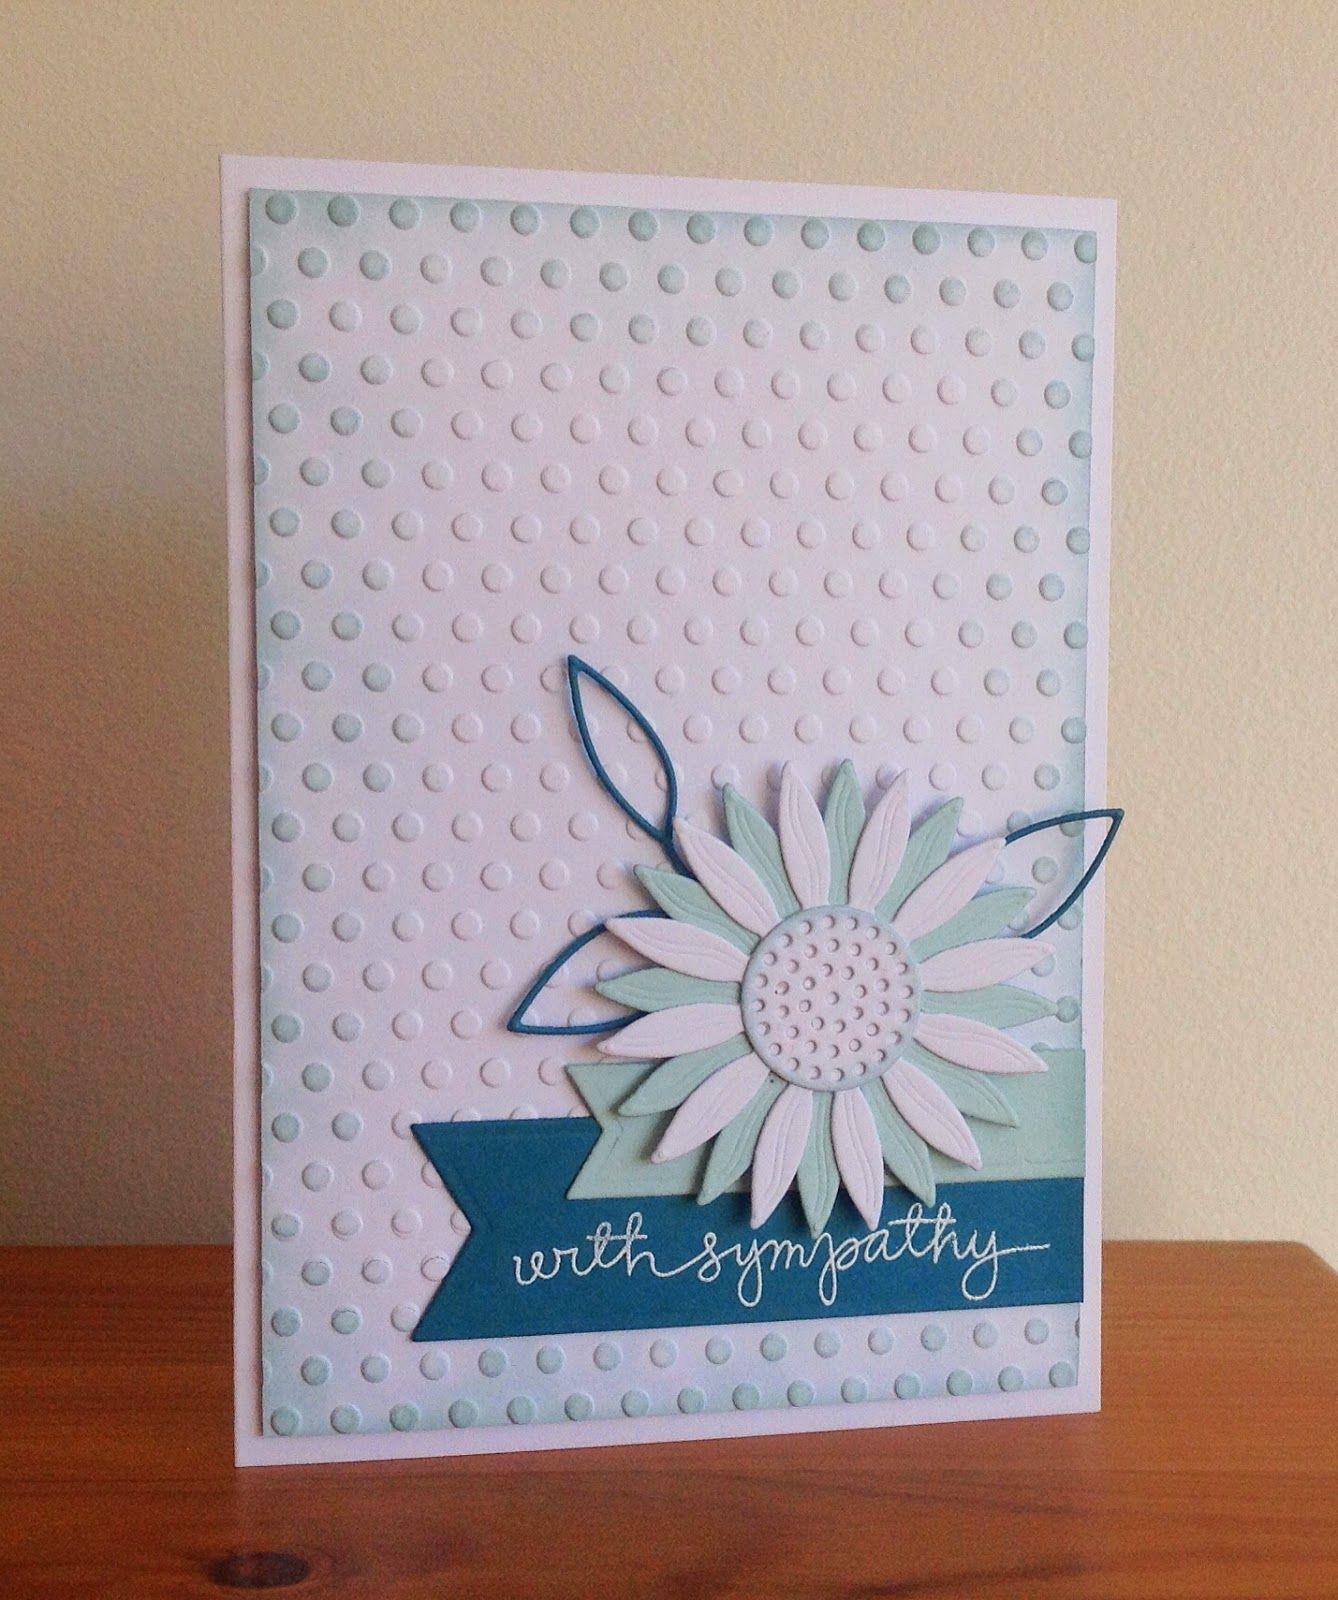 Beth's Little Card Blog: Sympathy card